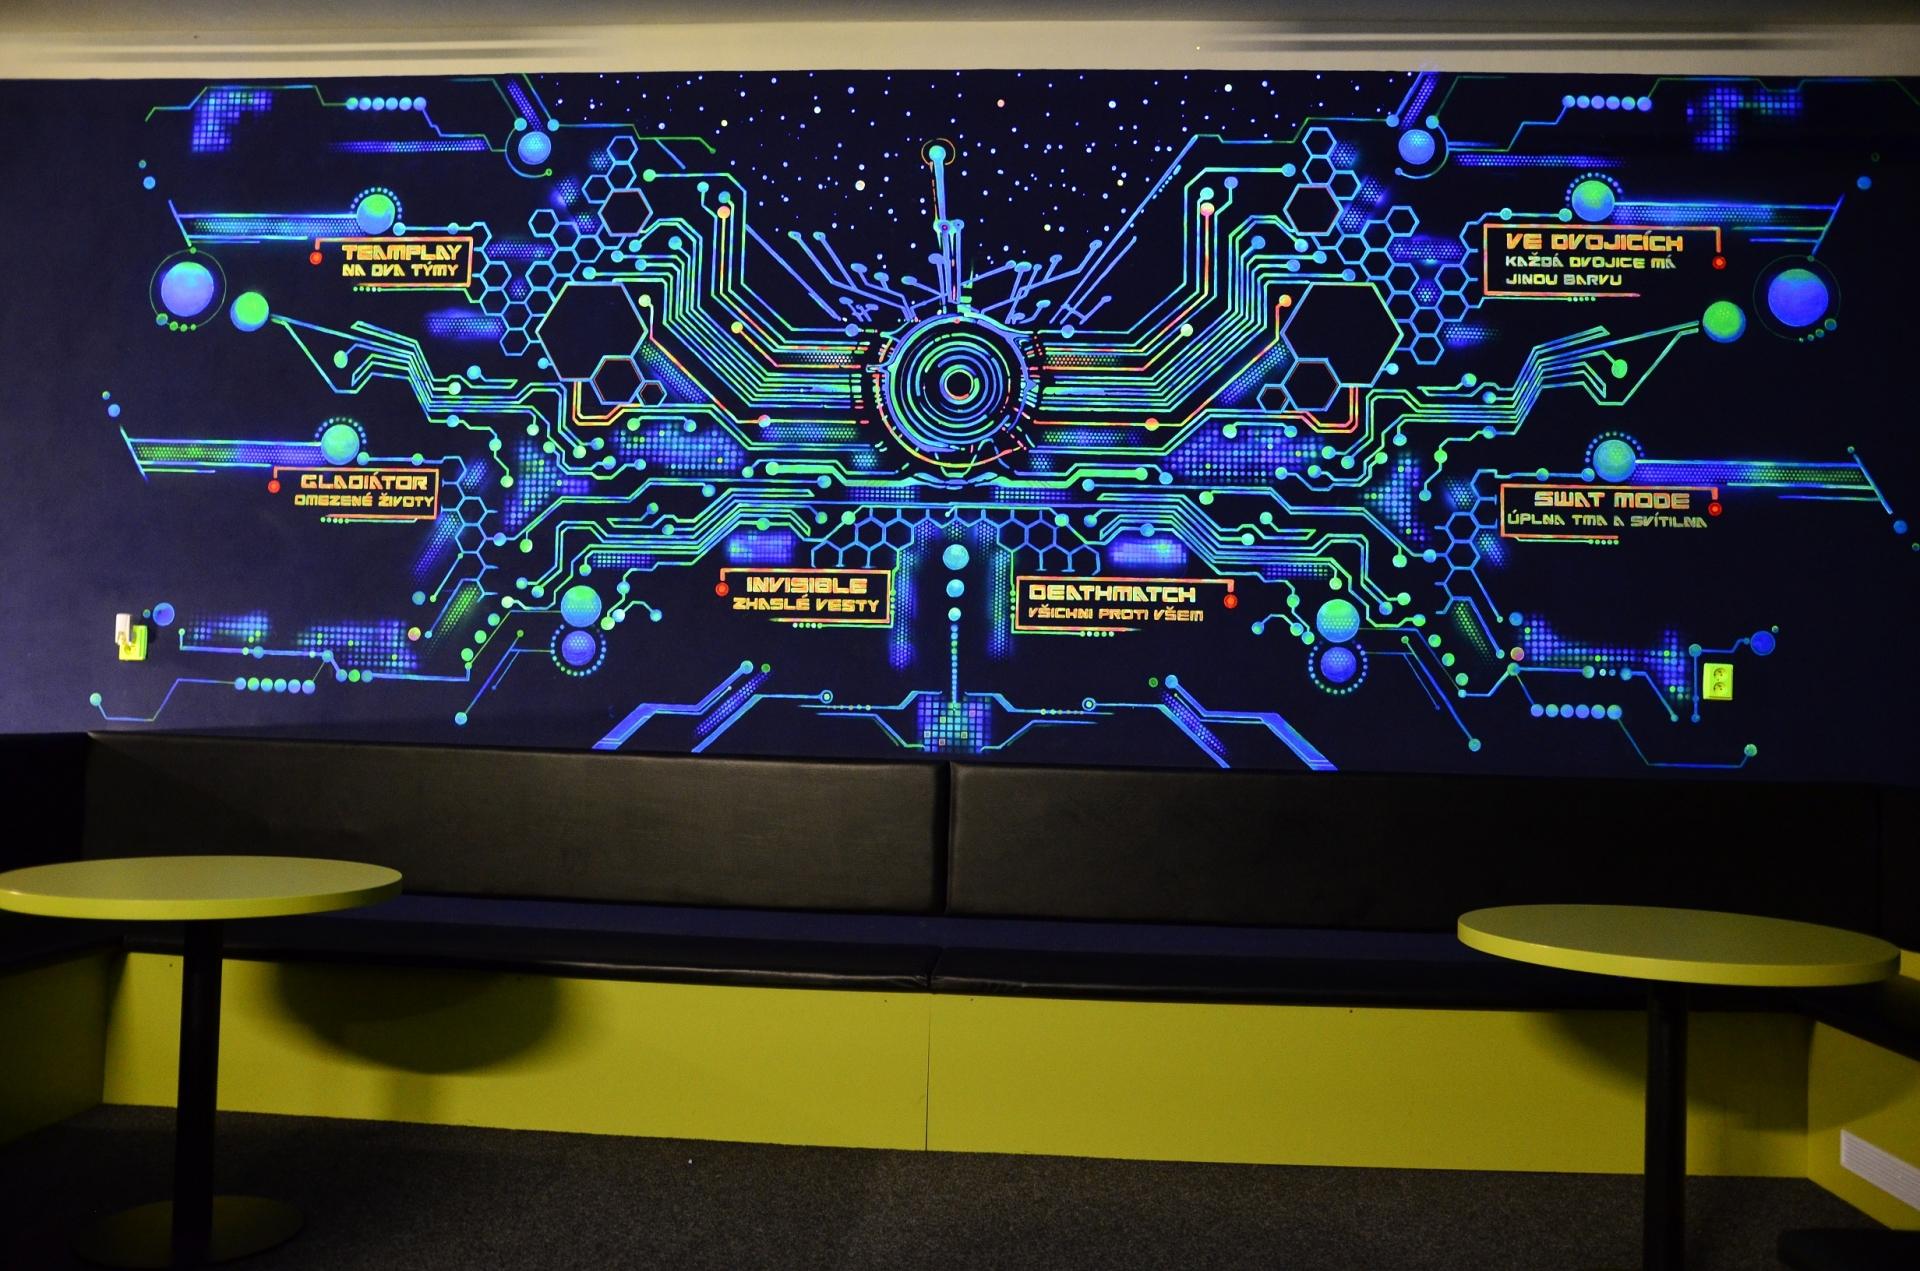 Futuristická malba s nabídkou herních módů